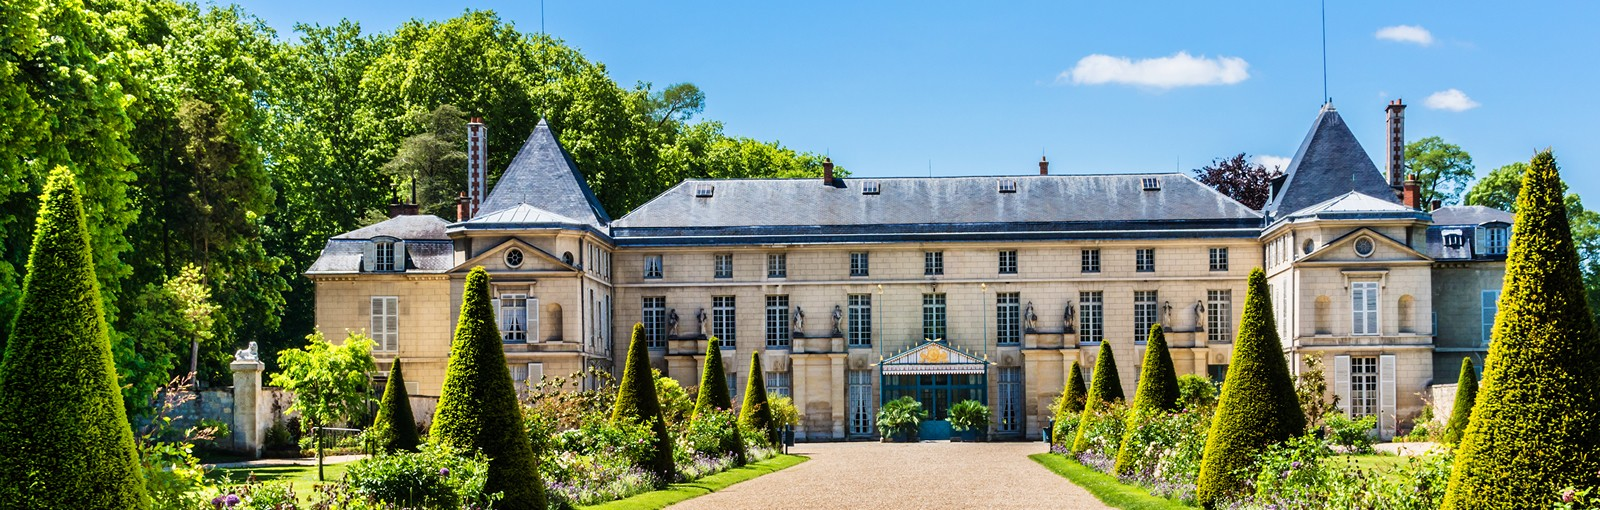 Tours Malmaison - Medio-días - Excursiones desde París